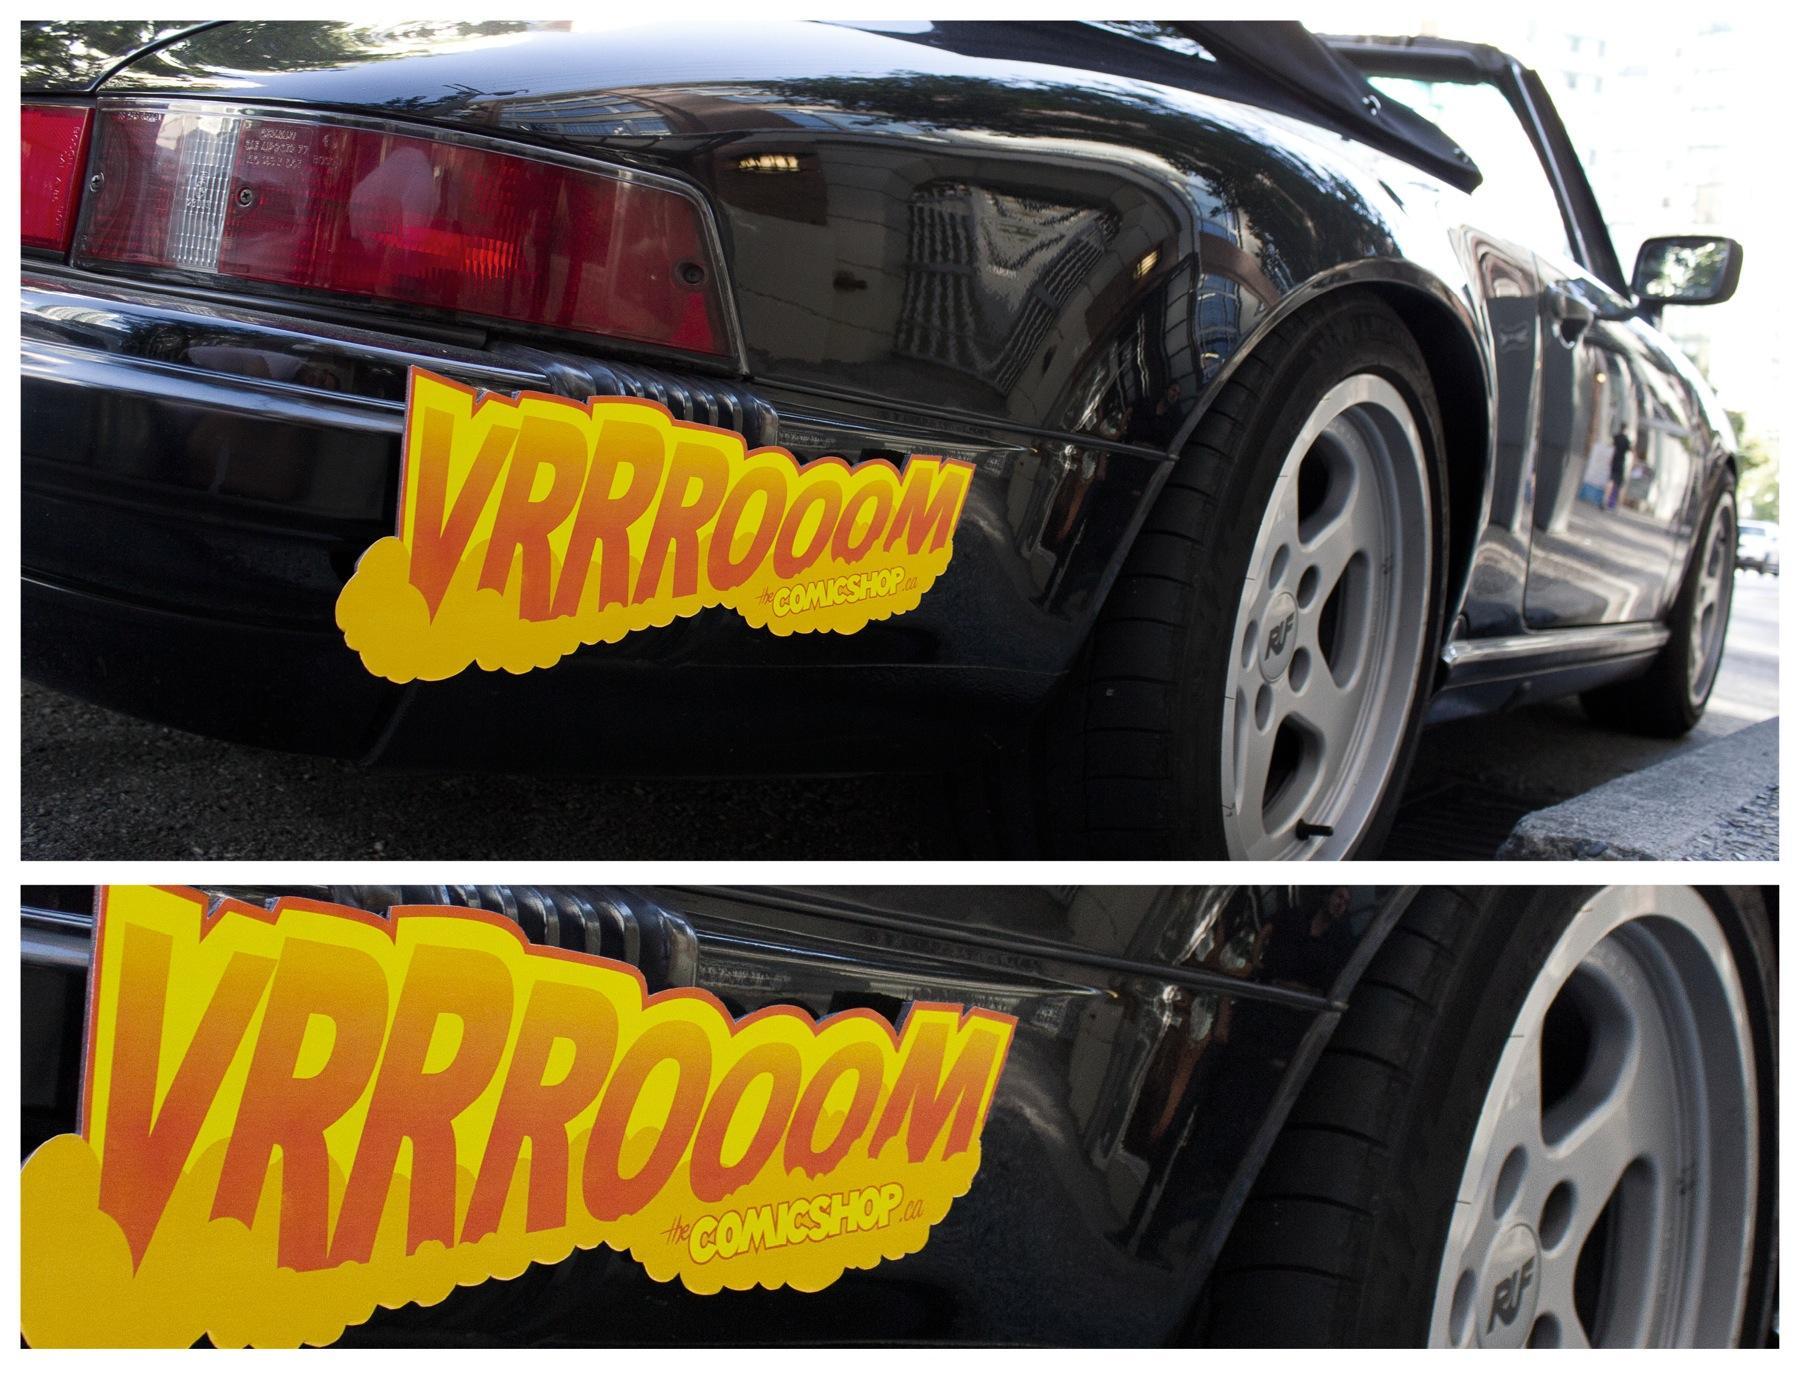 Comic Shop Print Ad -  Vrrrooom